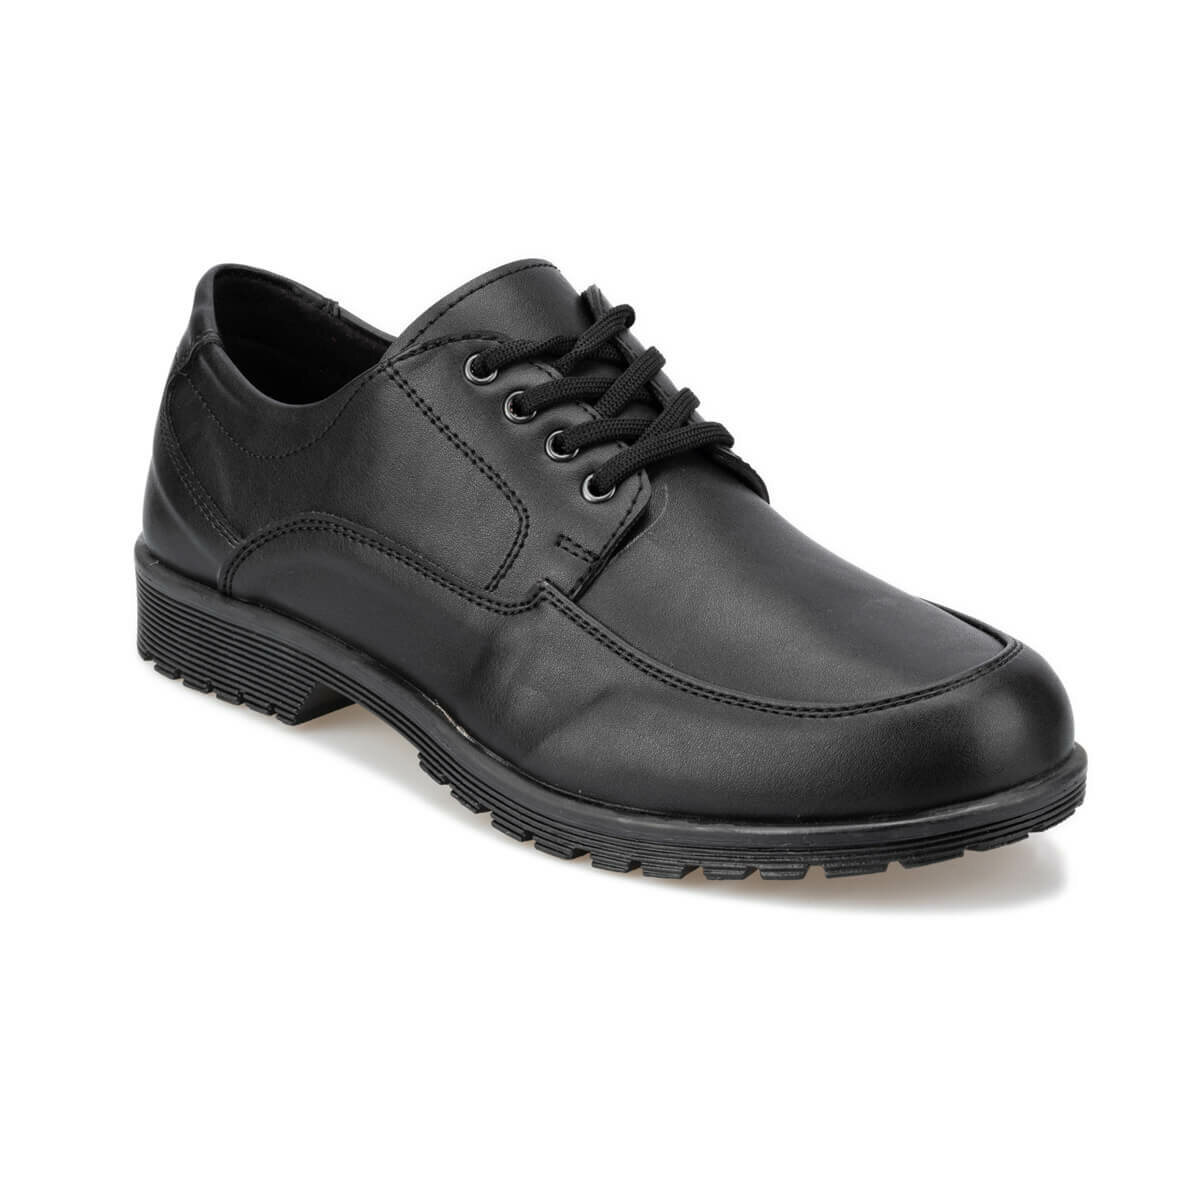 FLO 92.356082.M Black Male Shoes Polaris